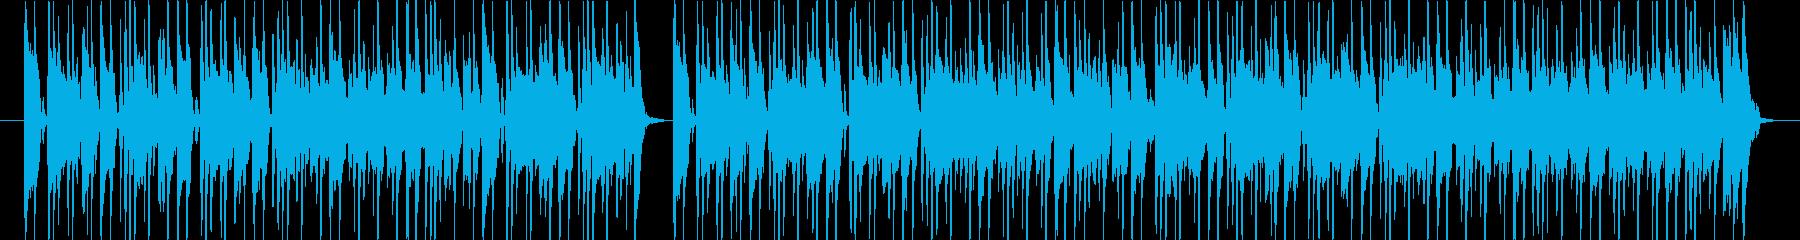 軽快なビートのオルガンとギターロックの再生済みの波形